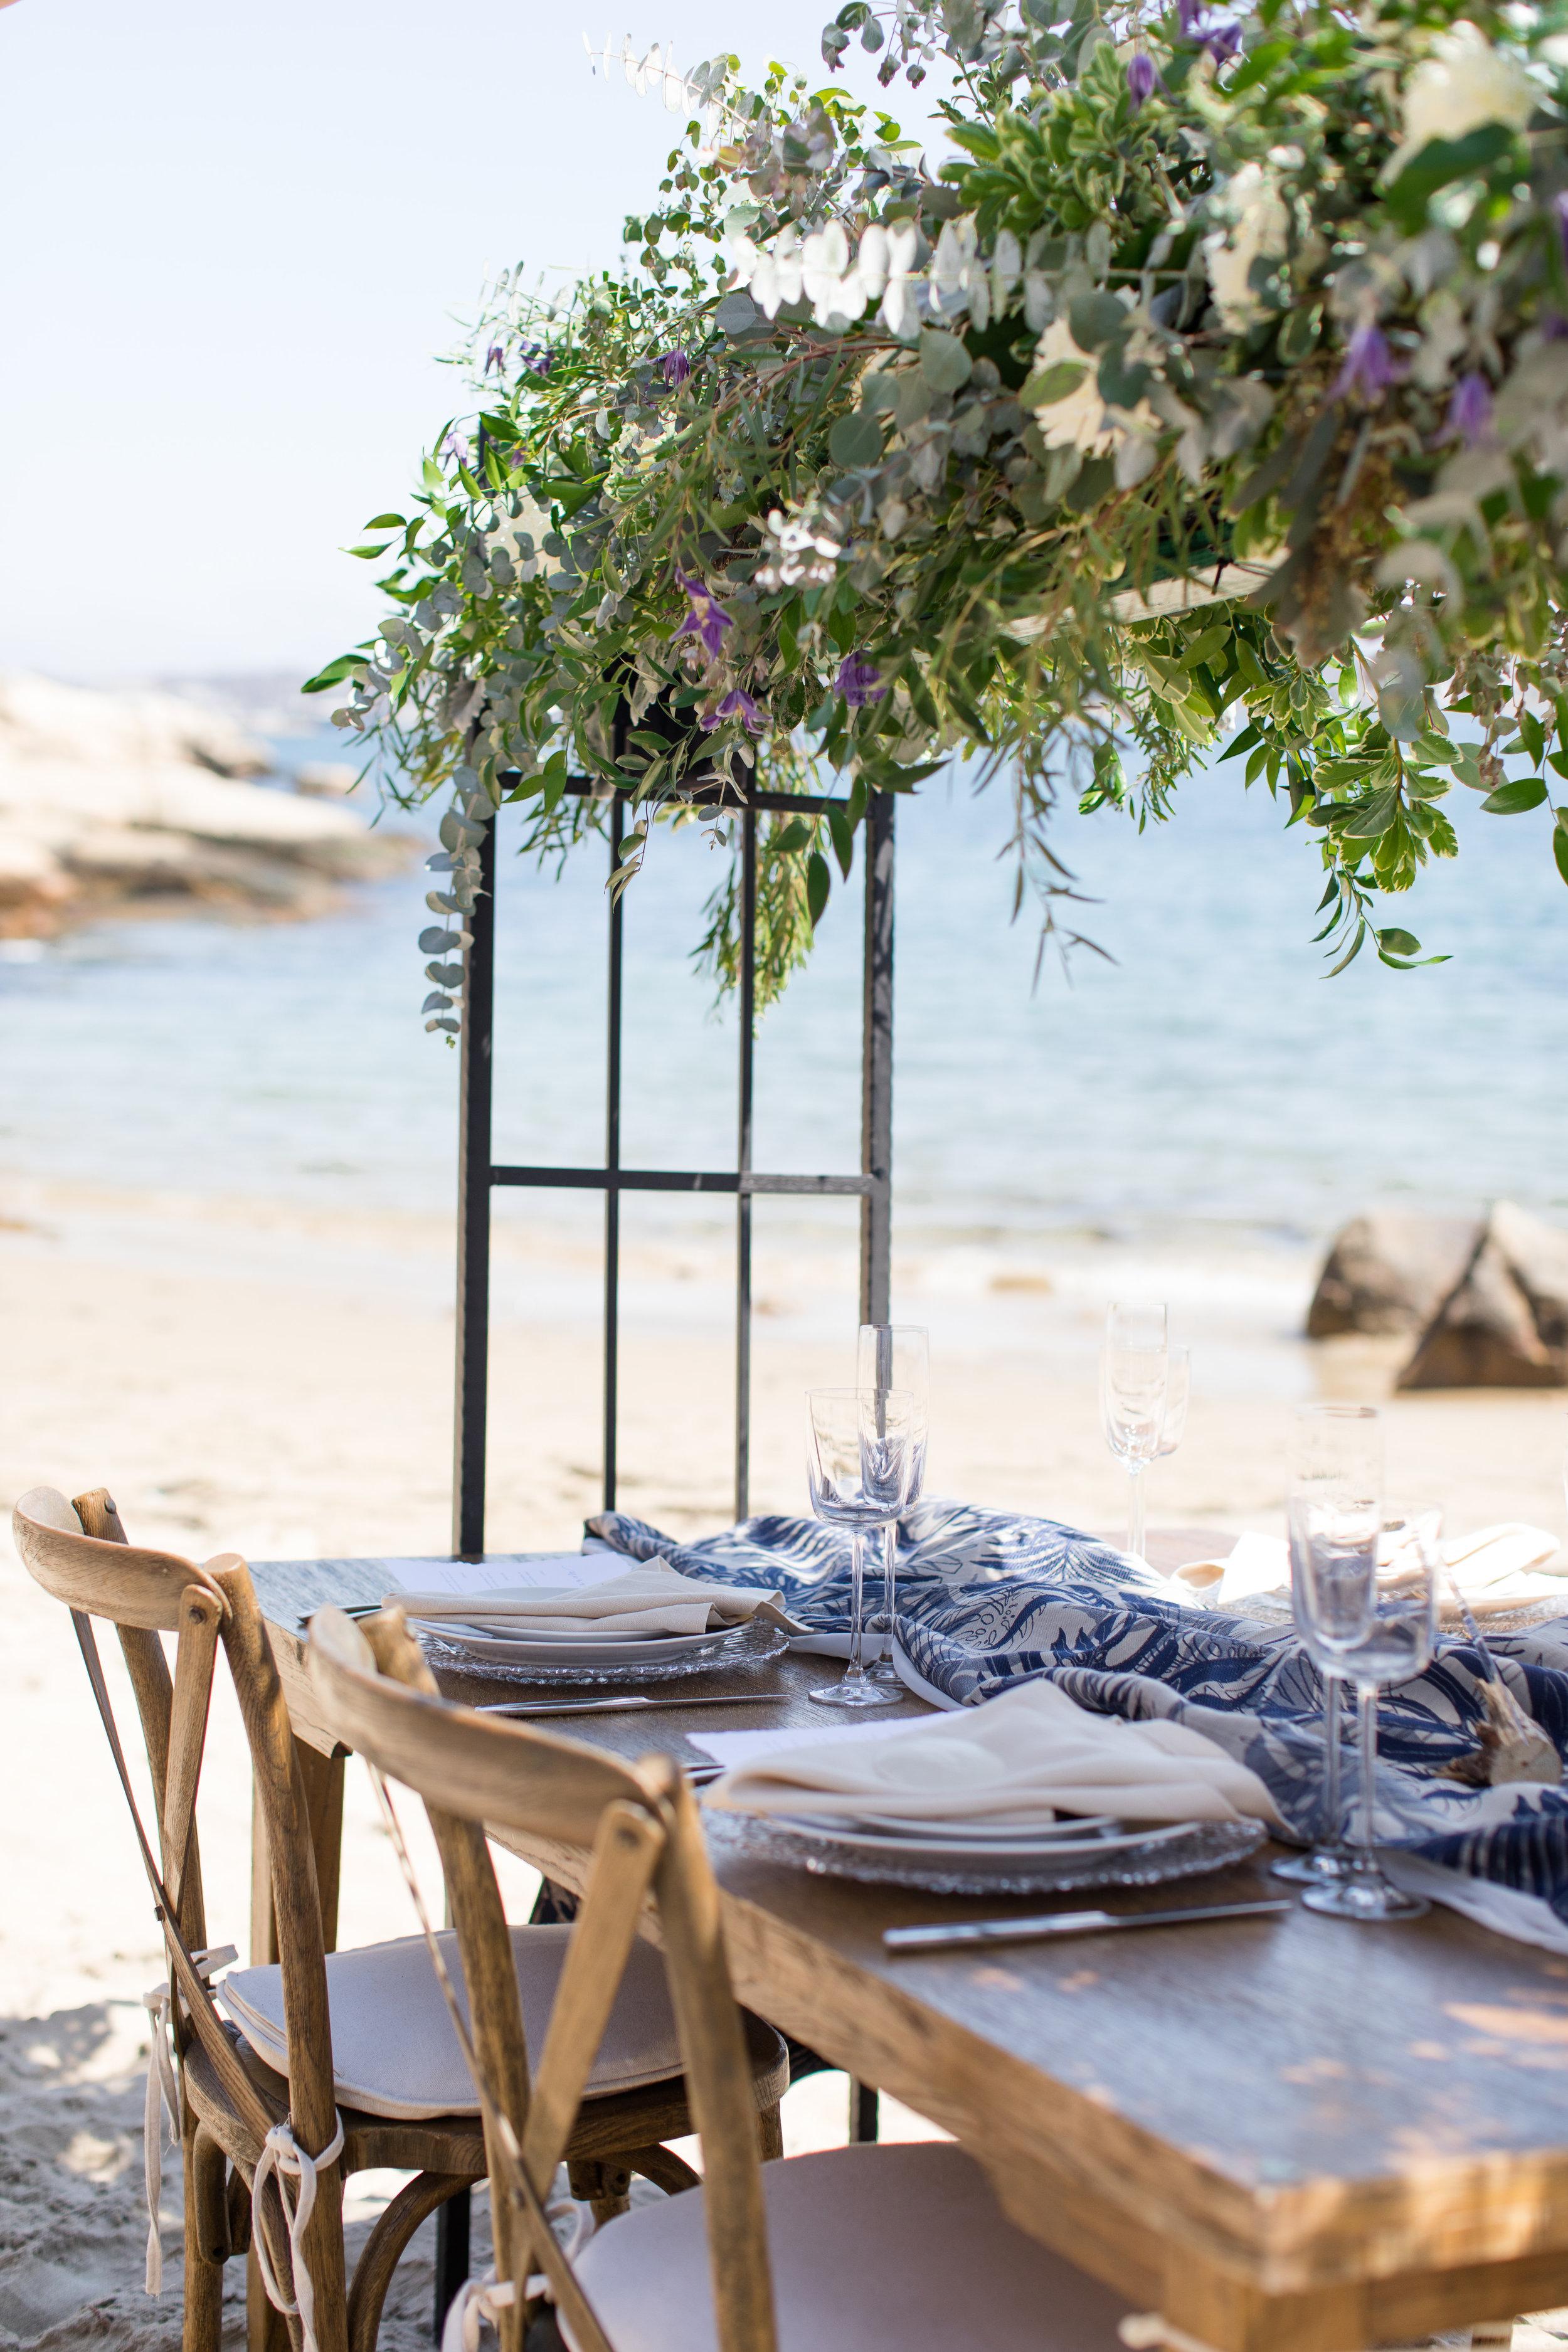 gloucester-ma-halfmoon-beach-elopement-5601.jpg